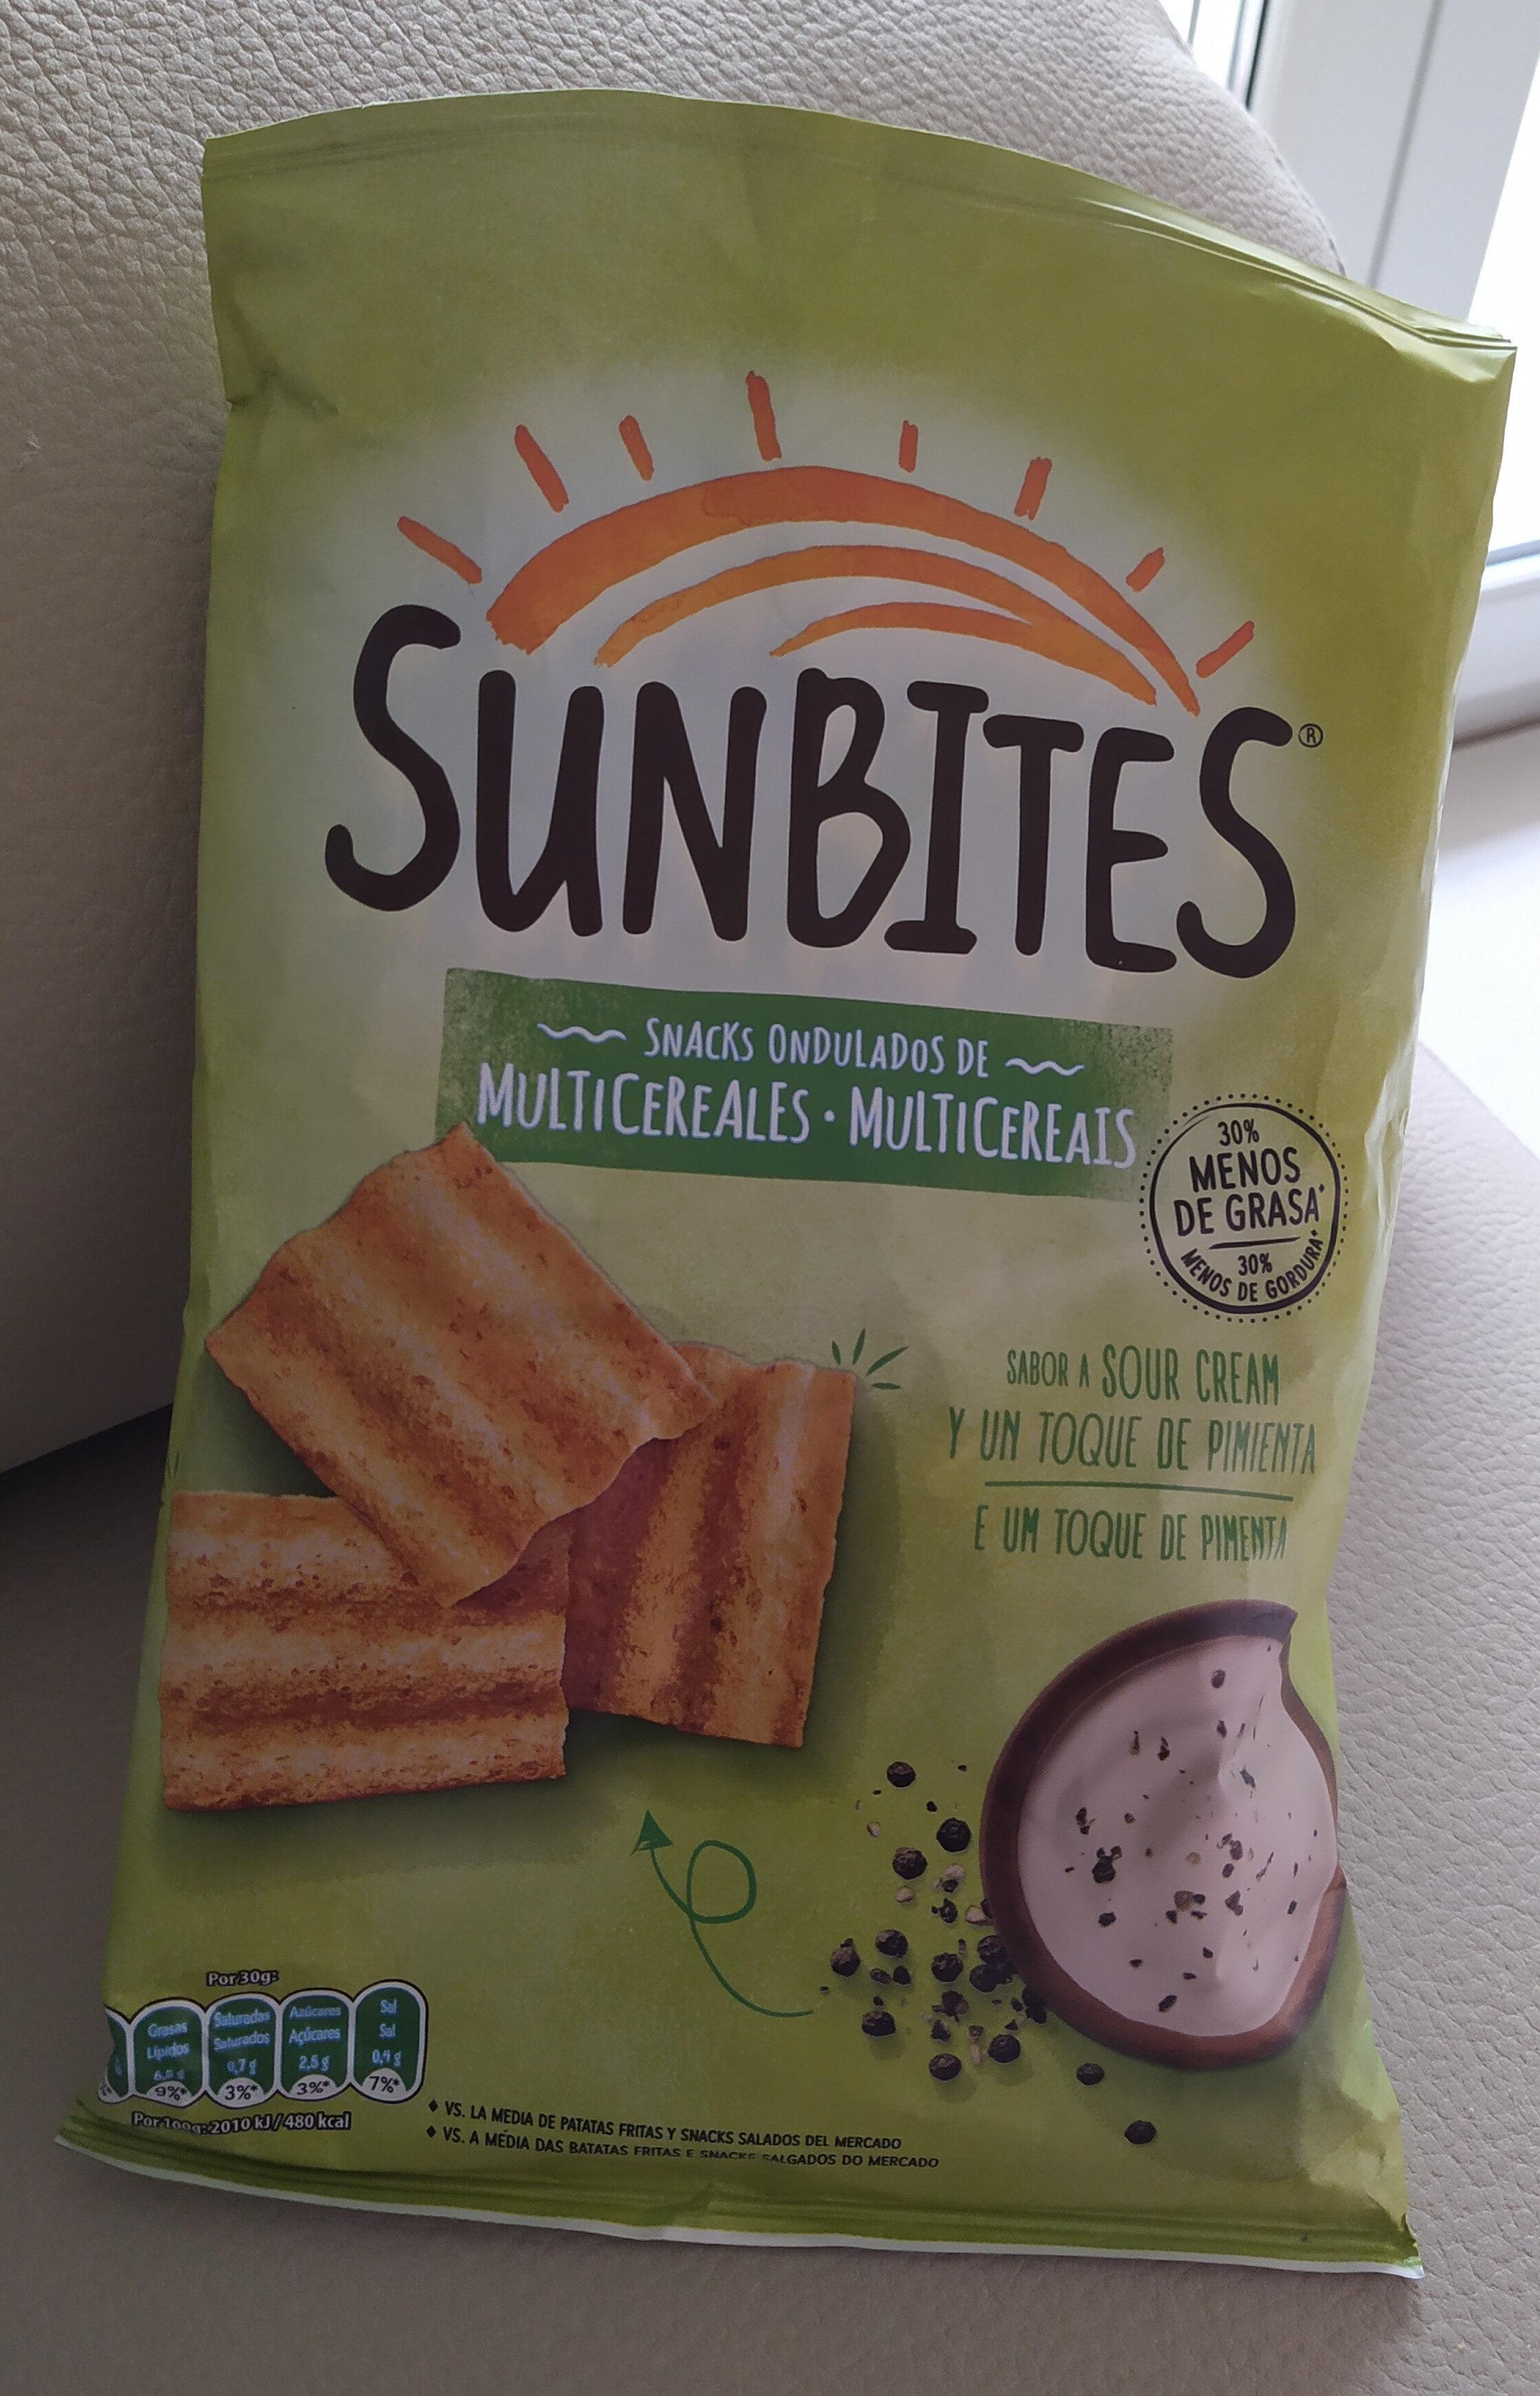 Snack ondulados de multicereales con sabor a sour cream - Product